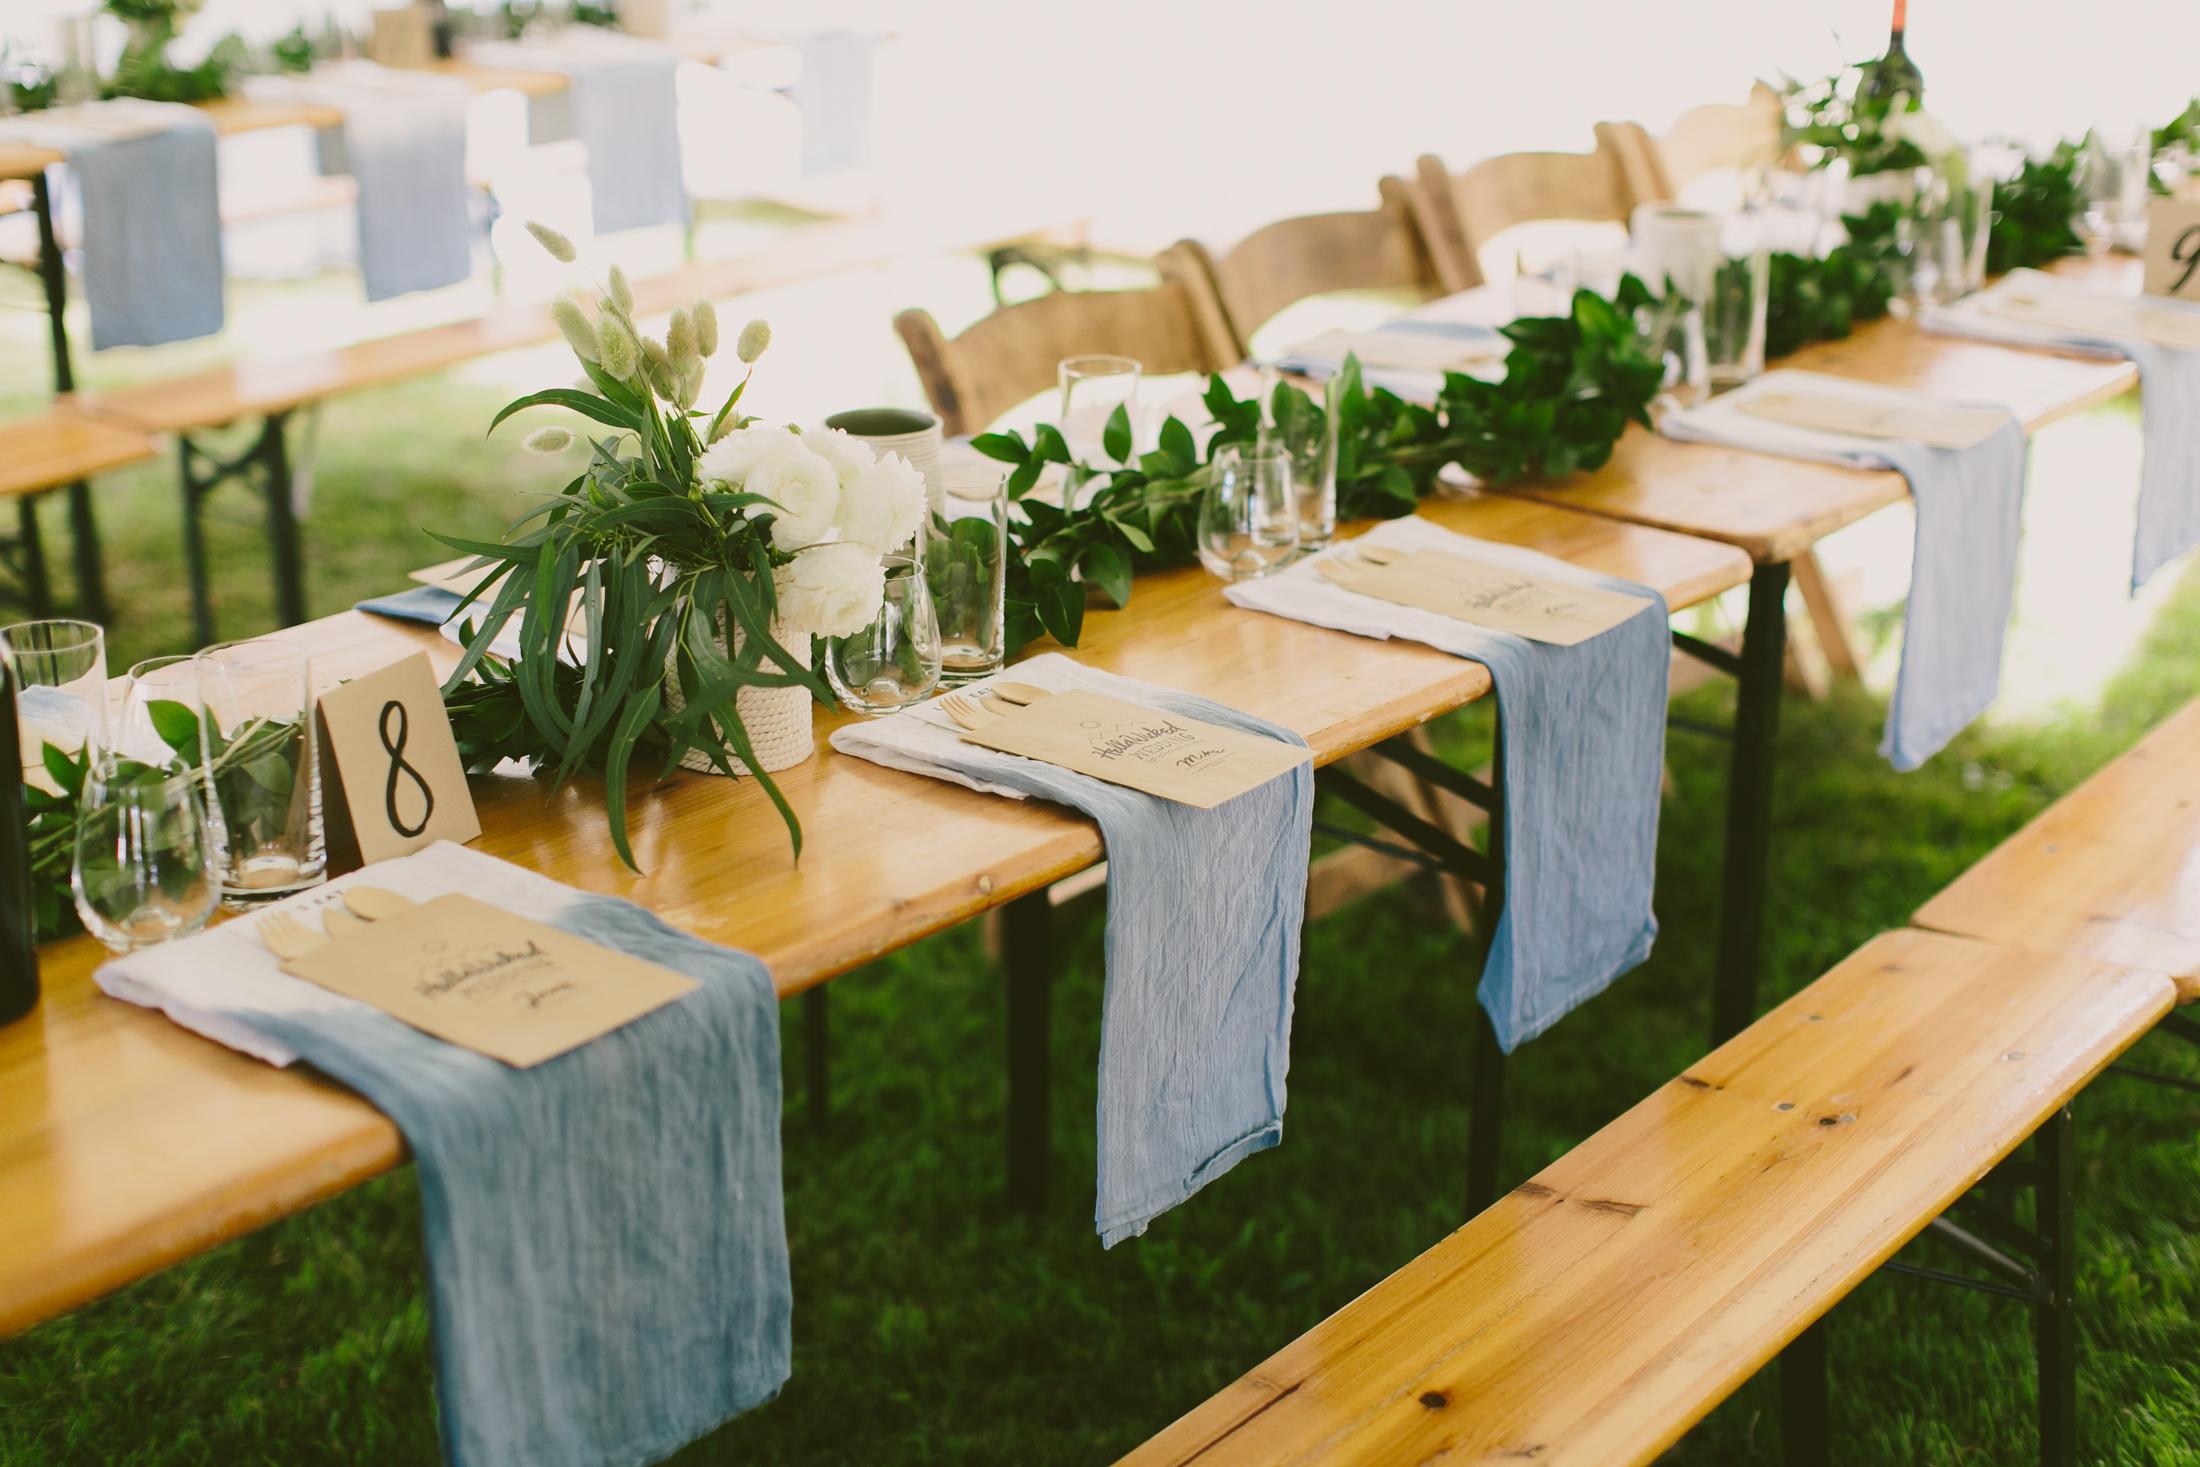 Lovely Biergarten Table Setup_23030362263_o